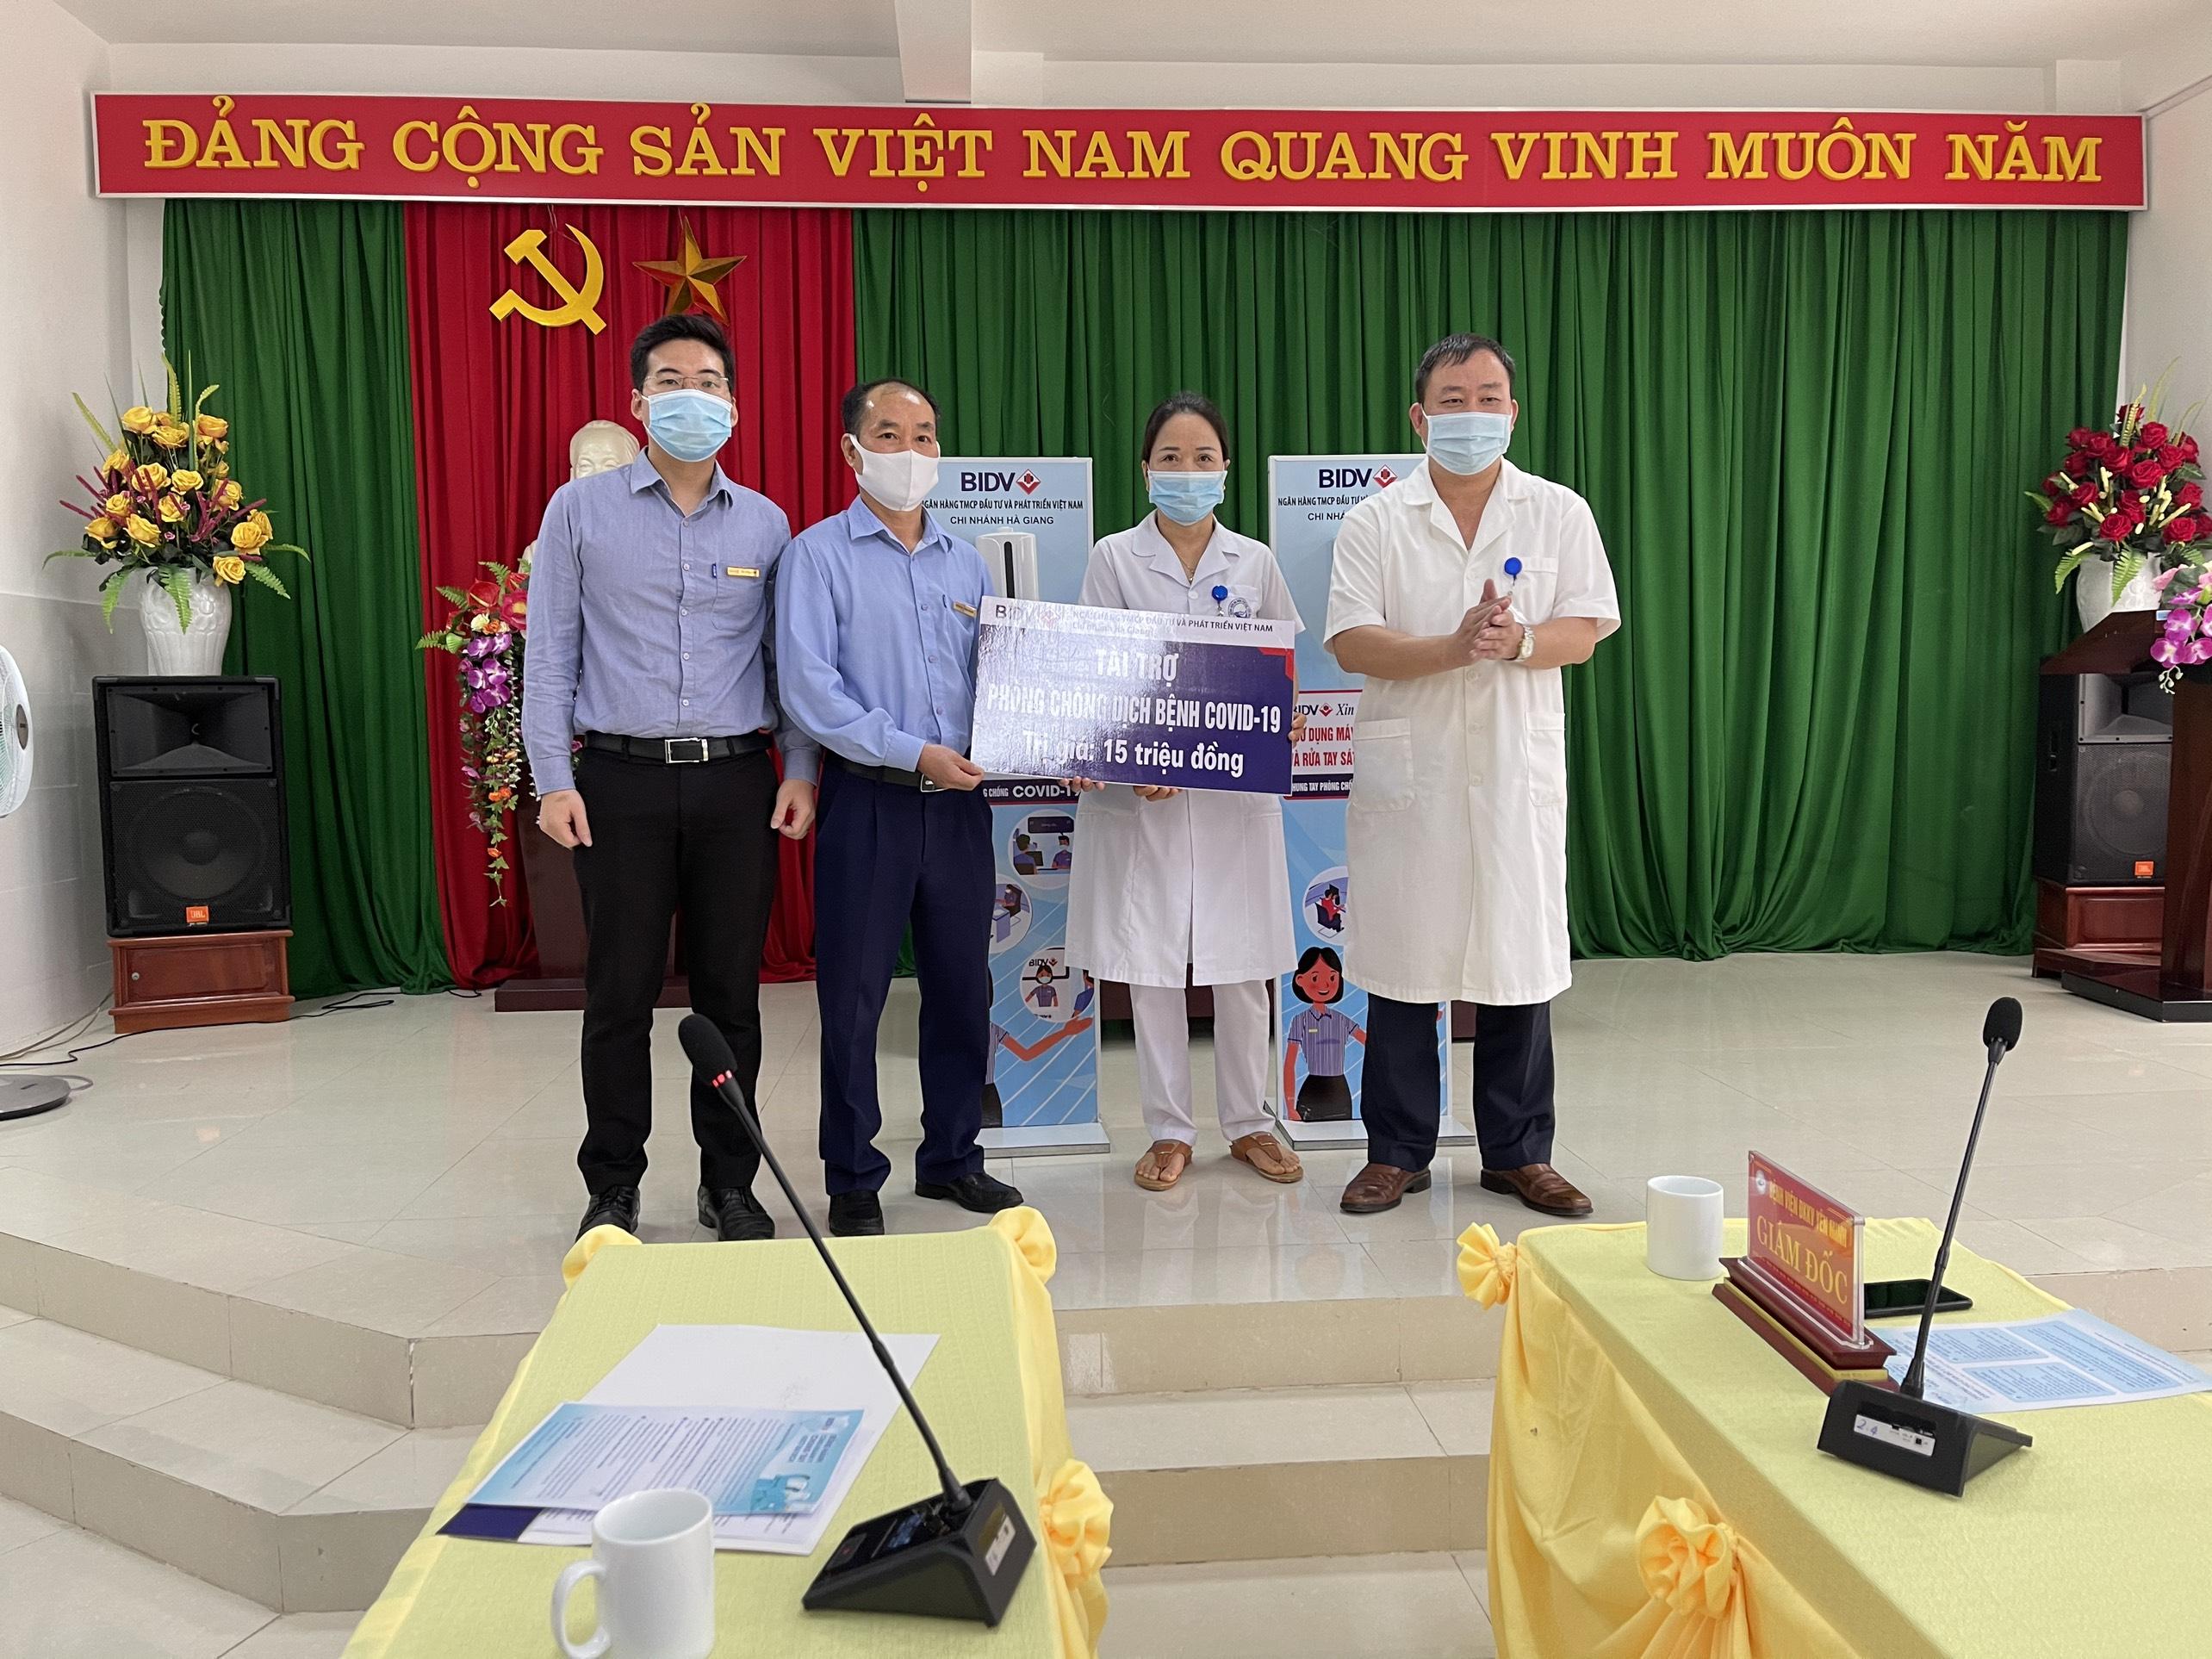 Ngân hàng CPTM Đầu tư và Phát triển Việt Nam chi nhánh Hà Giang (BIDV Hà Giang) ủng hộ BVĐKKV Yên Minh